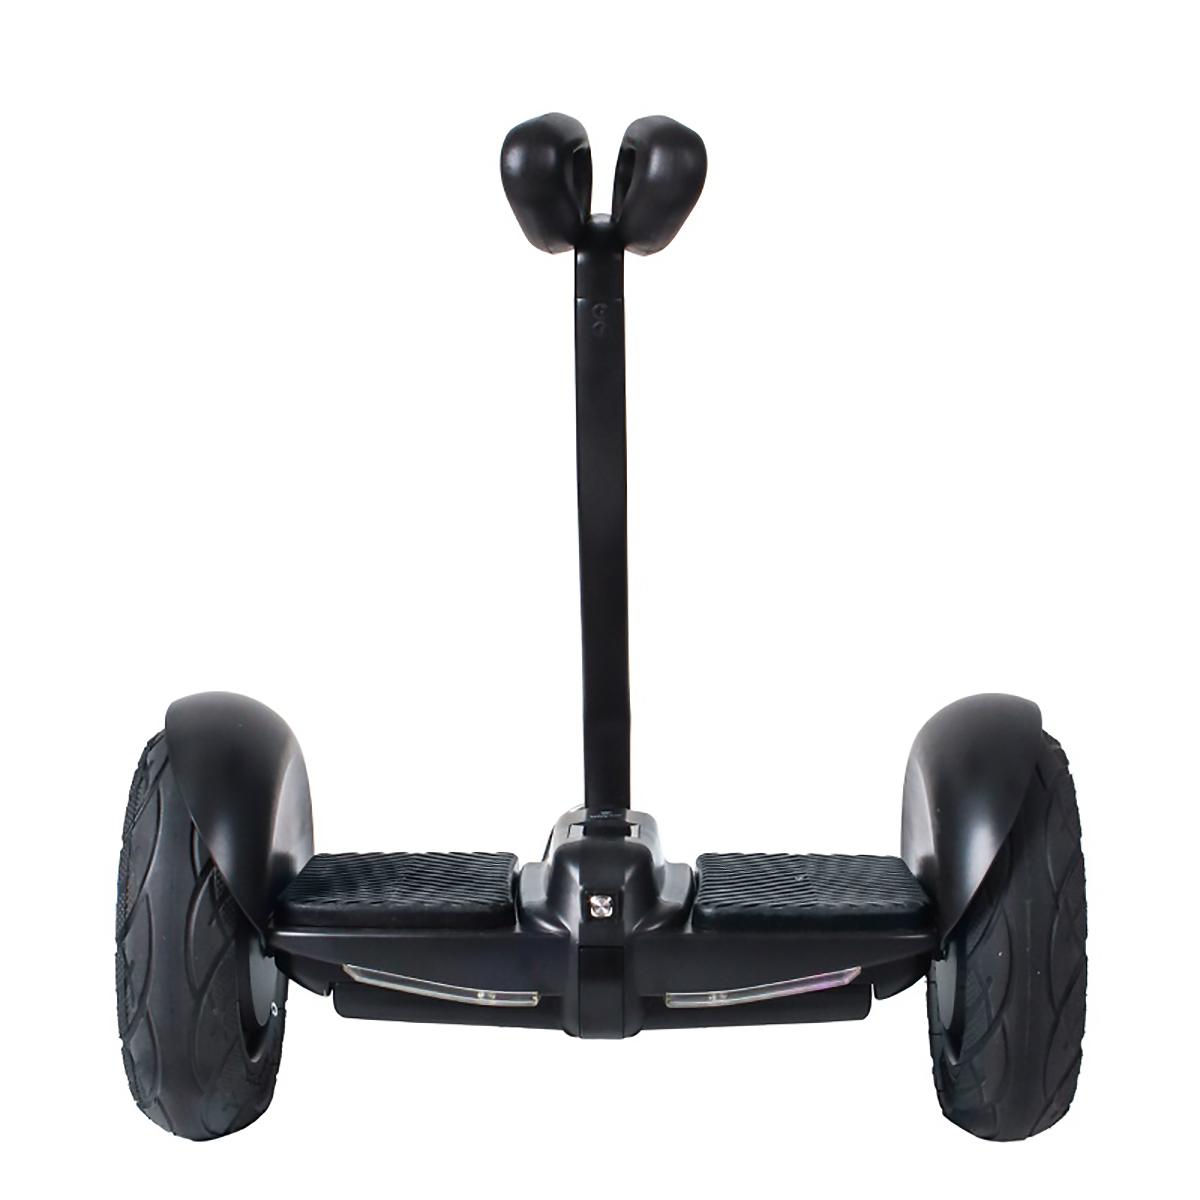 Гироскутер Hoverbot MINI, цвет: черныйMSMINIBKГироскутер Hoverbot MINI представляет собой уменьшенную копию сигвея, управление которым осуществляется коленями. Данная модель Hoverbot'а развивает максимальную скорость в 16 км/ч и преодолевает расстояние на одном заряде до 22 км. Имеет световую подсветку и габариты на передней части корпуса. Лёгкое в управление устройство Hoverbot mini станет незаменимым спутником в прогулках по паркам, езде на работу, его можно легко поднять и перенести в другое место. В комплект входит зарядное устройство и пульт управления. Технические характеристики: Возможная дистанция: 22 кмМаксимальная скорость: 16 км/чАккумулятор: Lithium 54 V 4.4AHРазмер колеса: 10 dМощность мотора: 2x350W Максимальная нагрузка: 100 кгВремя заряда/сеть: 120 мин/220ВВес нетто: 12.3 кгВес брутто: 14,1 кгВлагозащита: IP55Условия эксплуатации: -10°C + 50°C. Bluetooth. Приложение Mini Robot. Комплектация: Зарядное устройство, гарантийный талон, сертификат, инструкция.